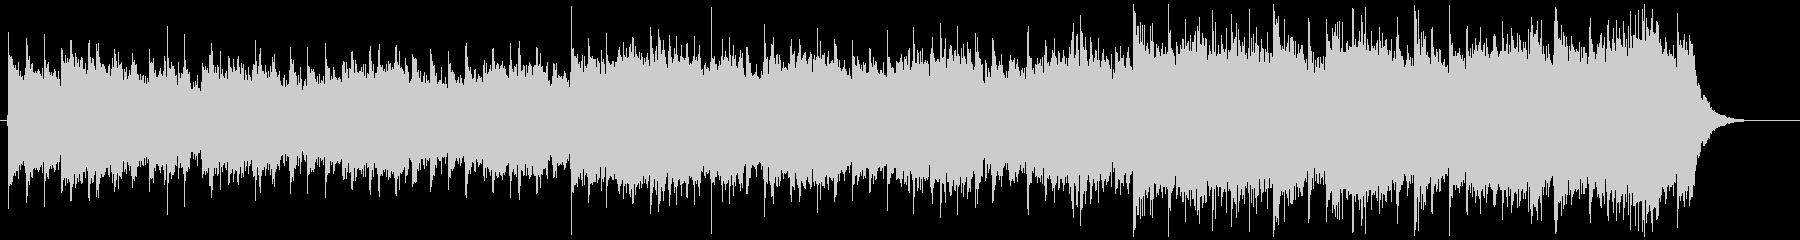 エモーショナルオーケストラ/イントロの未再生の波形